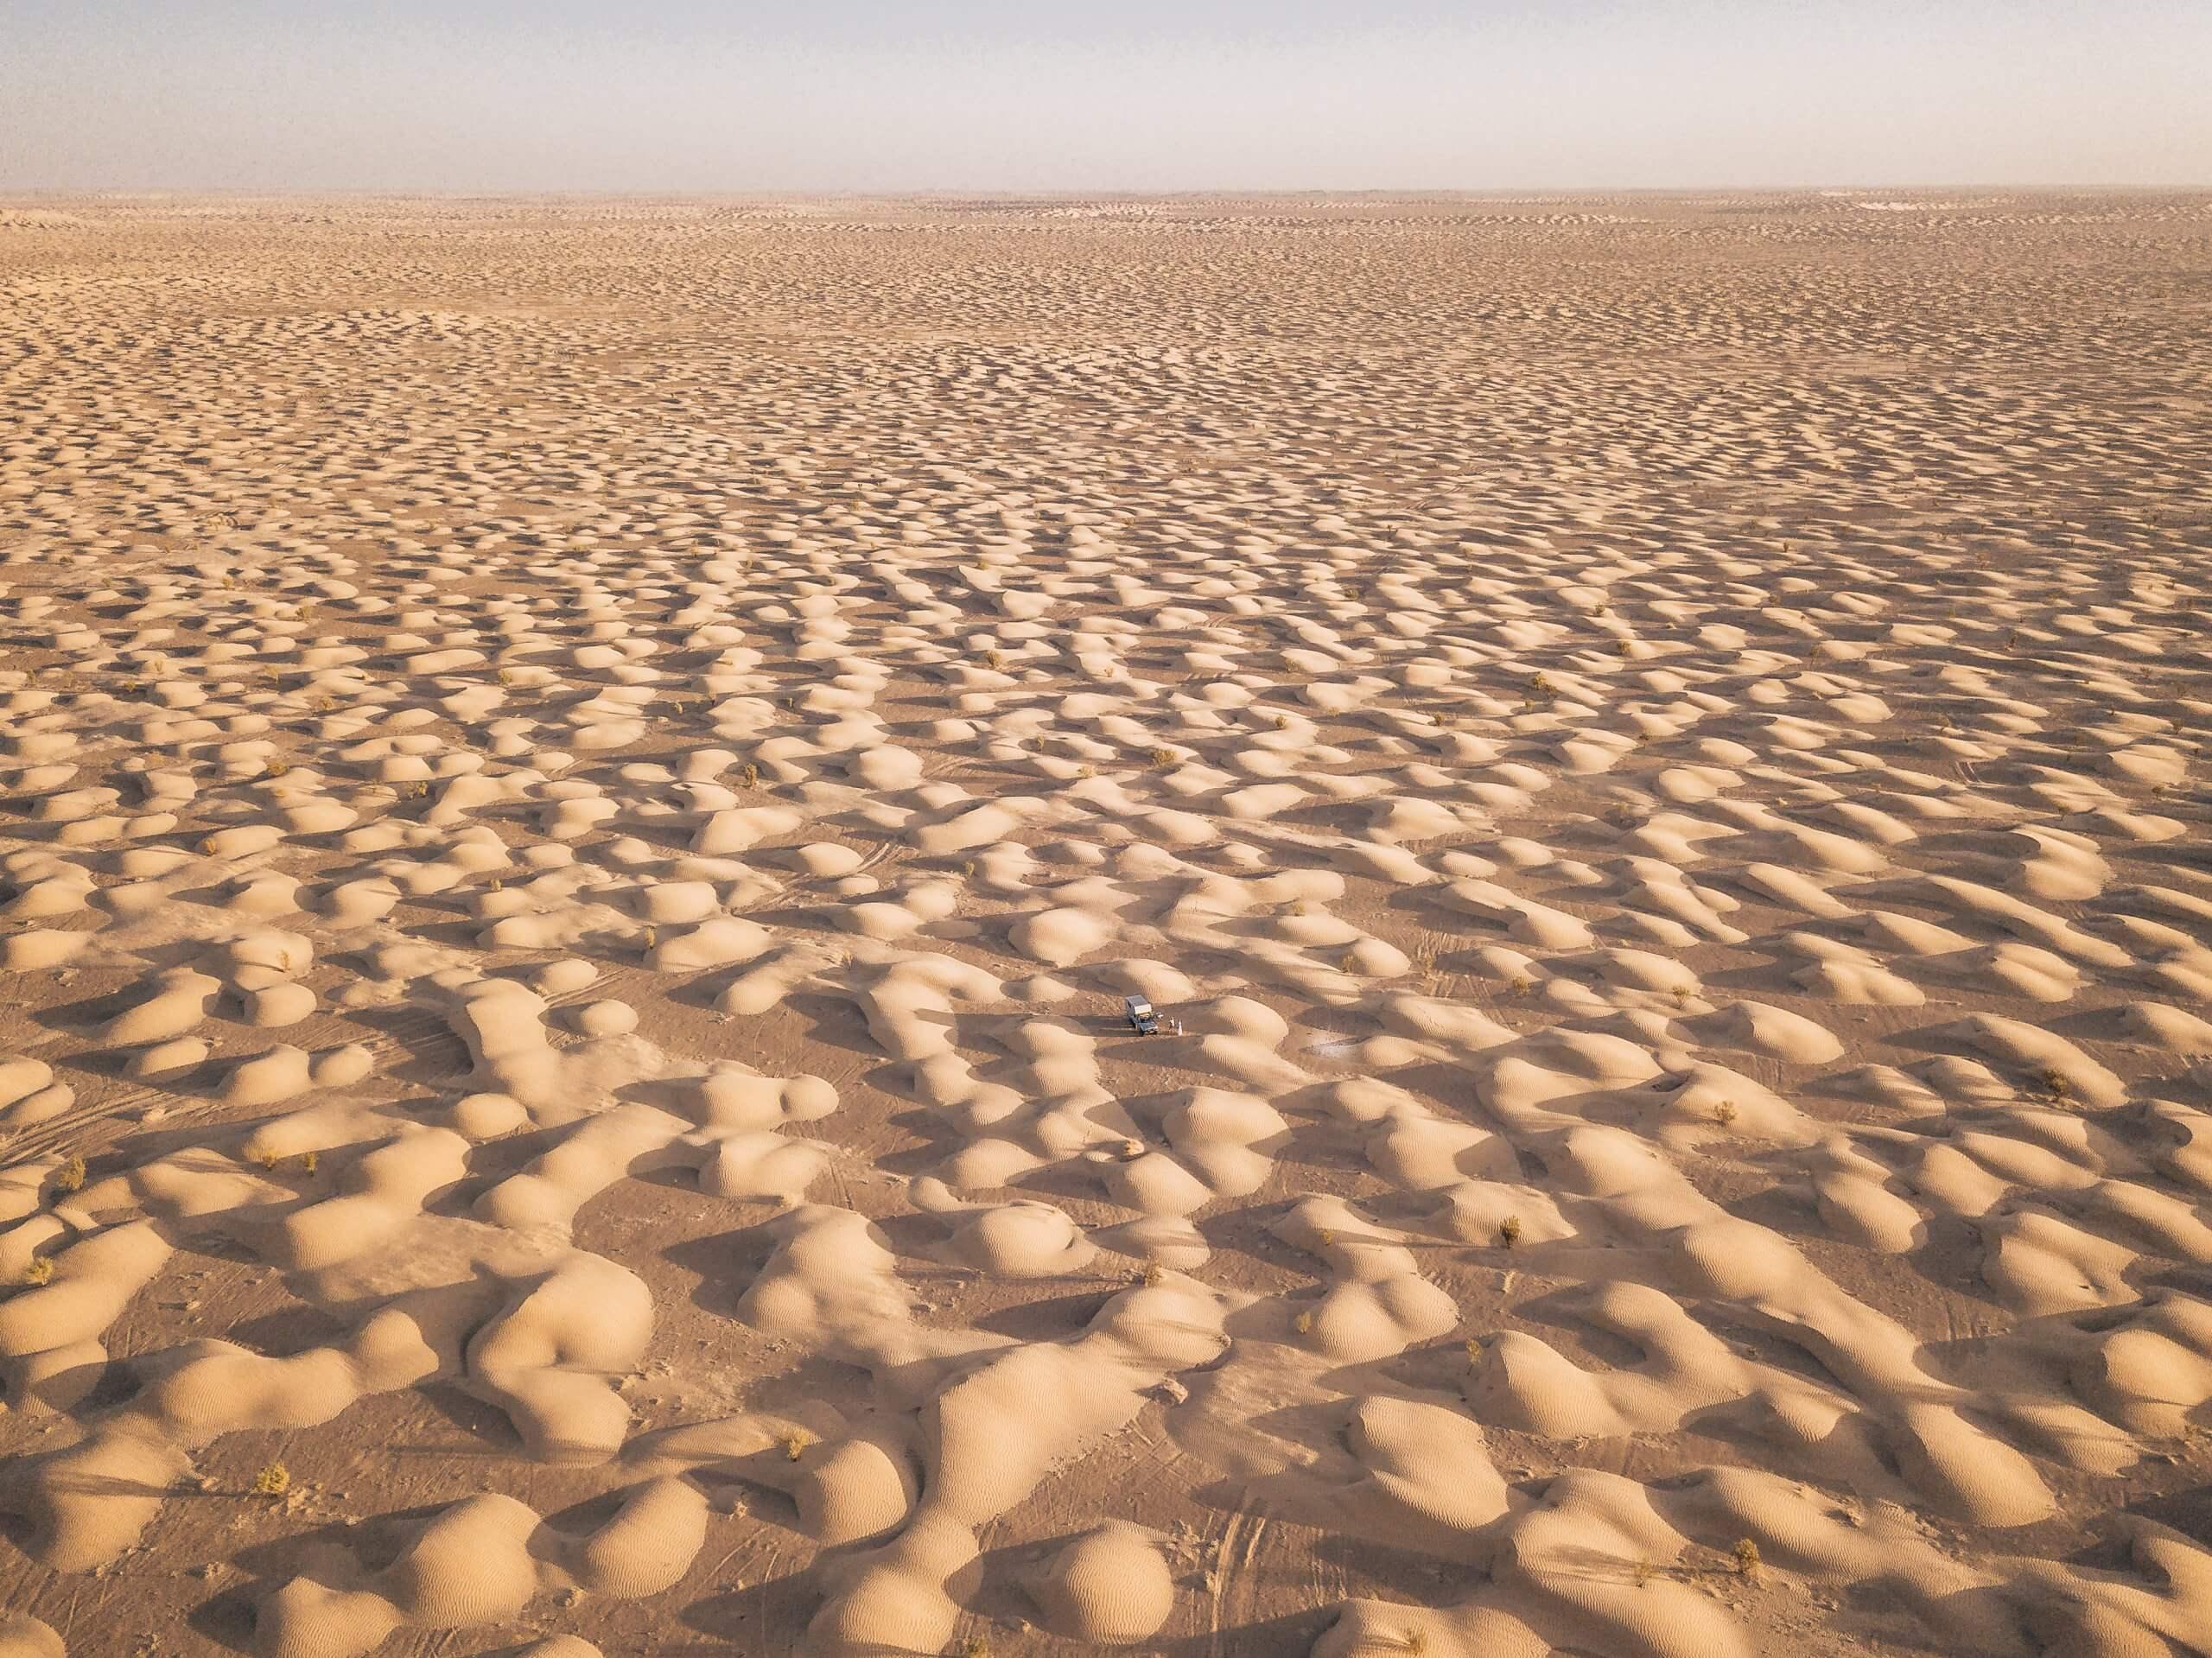 inmitten Tausender kleiner Dünen